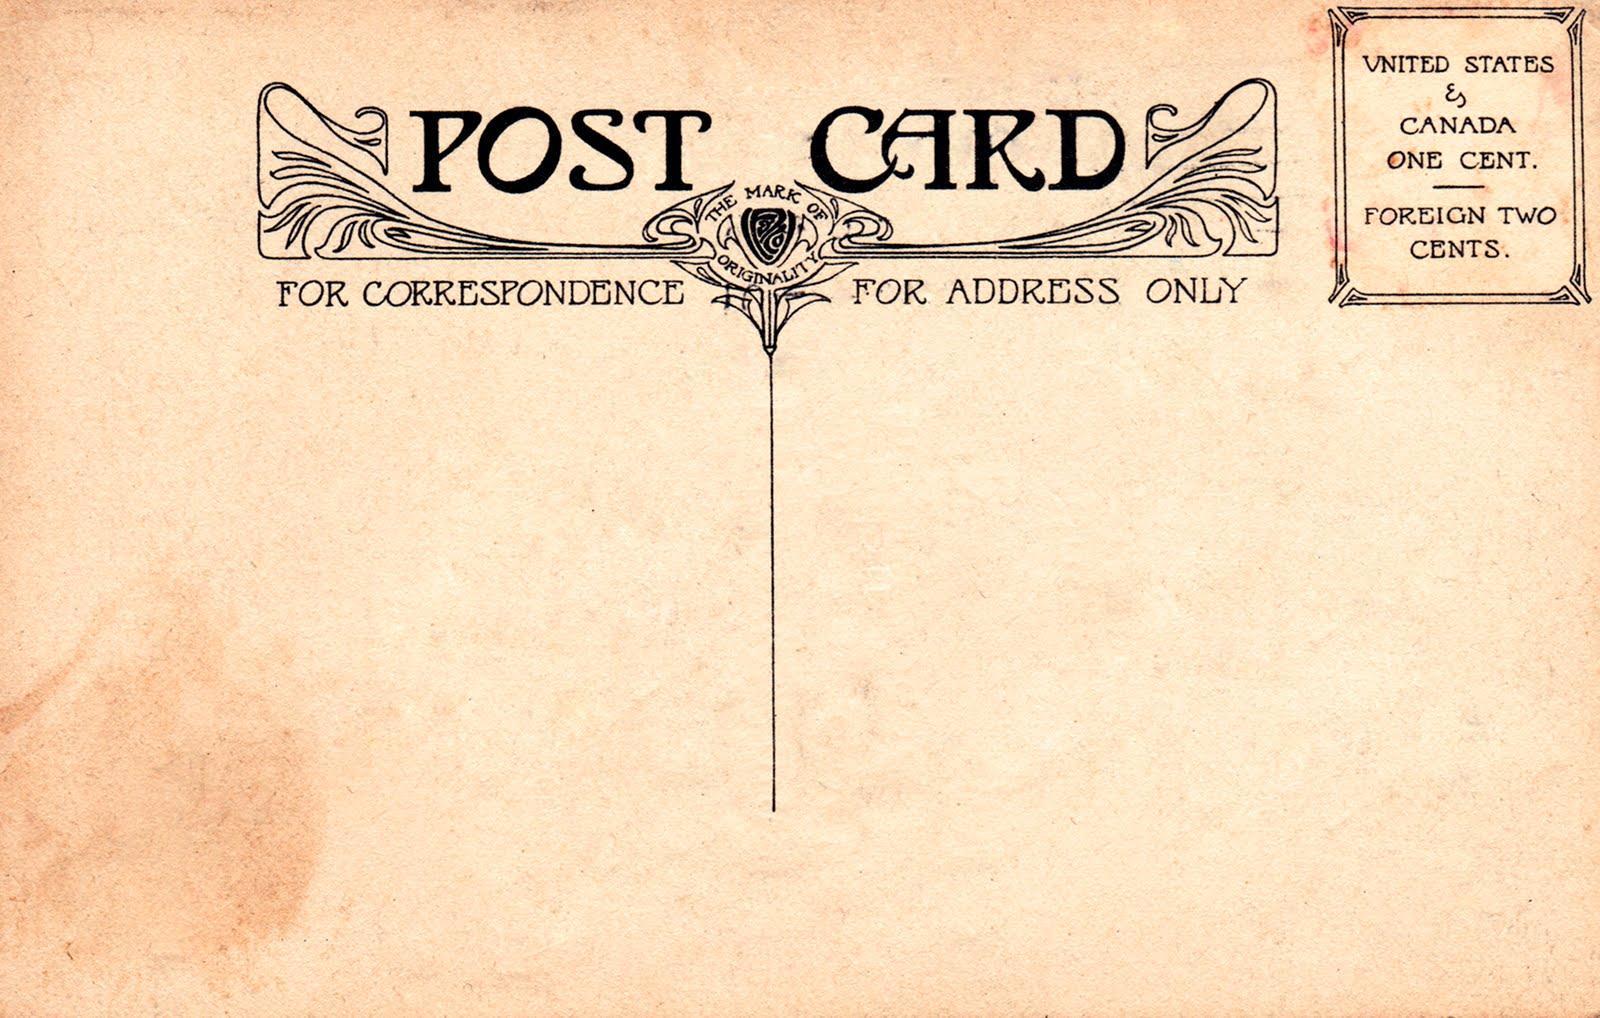 10 Retro Postcard Font Images